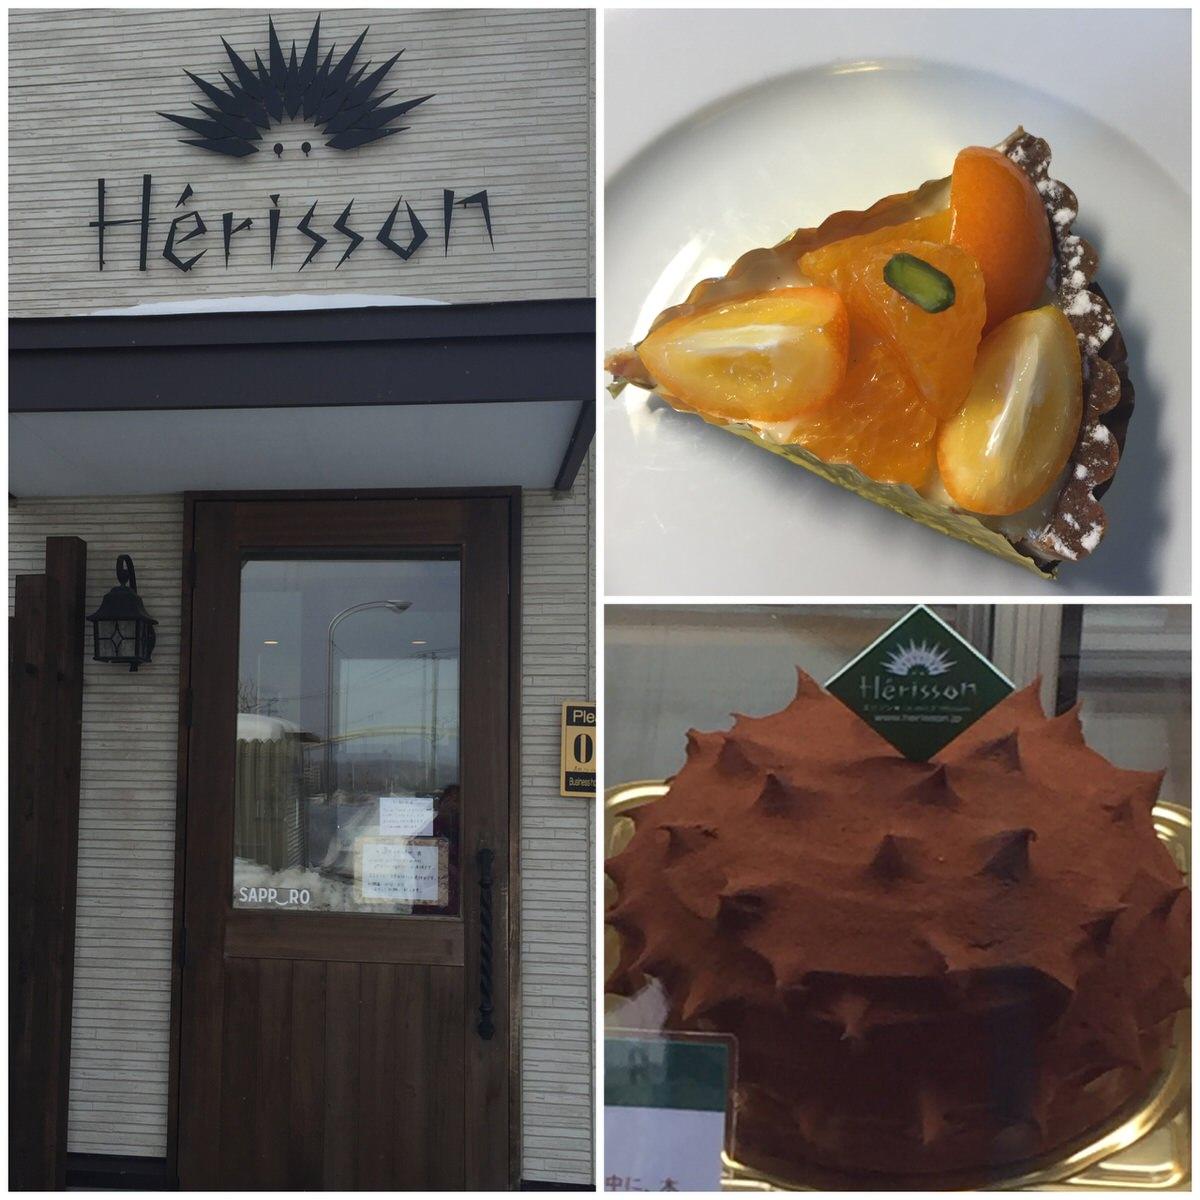 エリソン(Herrison) 石山通 定山渓への途中にあるハリネズミのケーキ屋さん 【札幌グルメ】